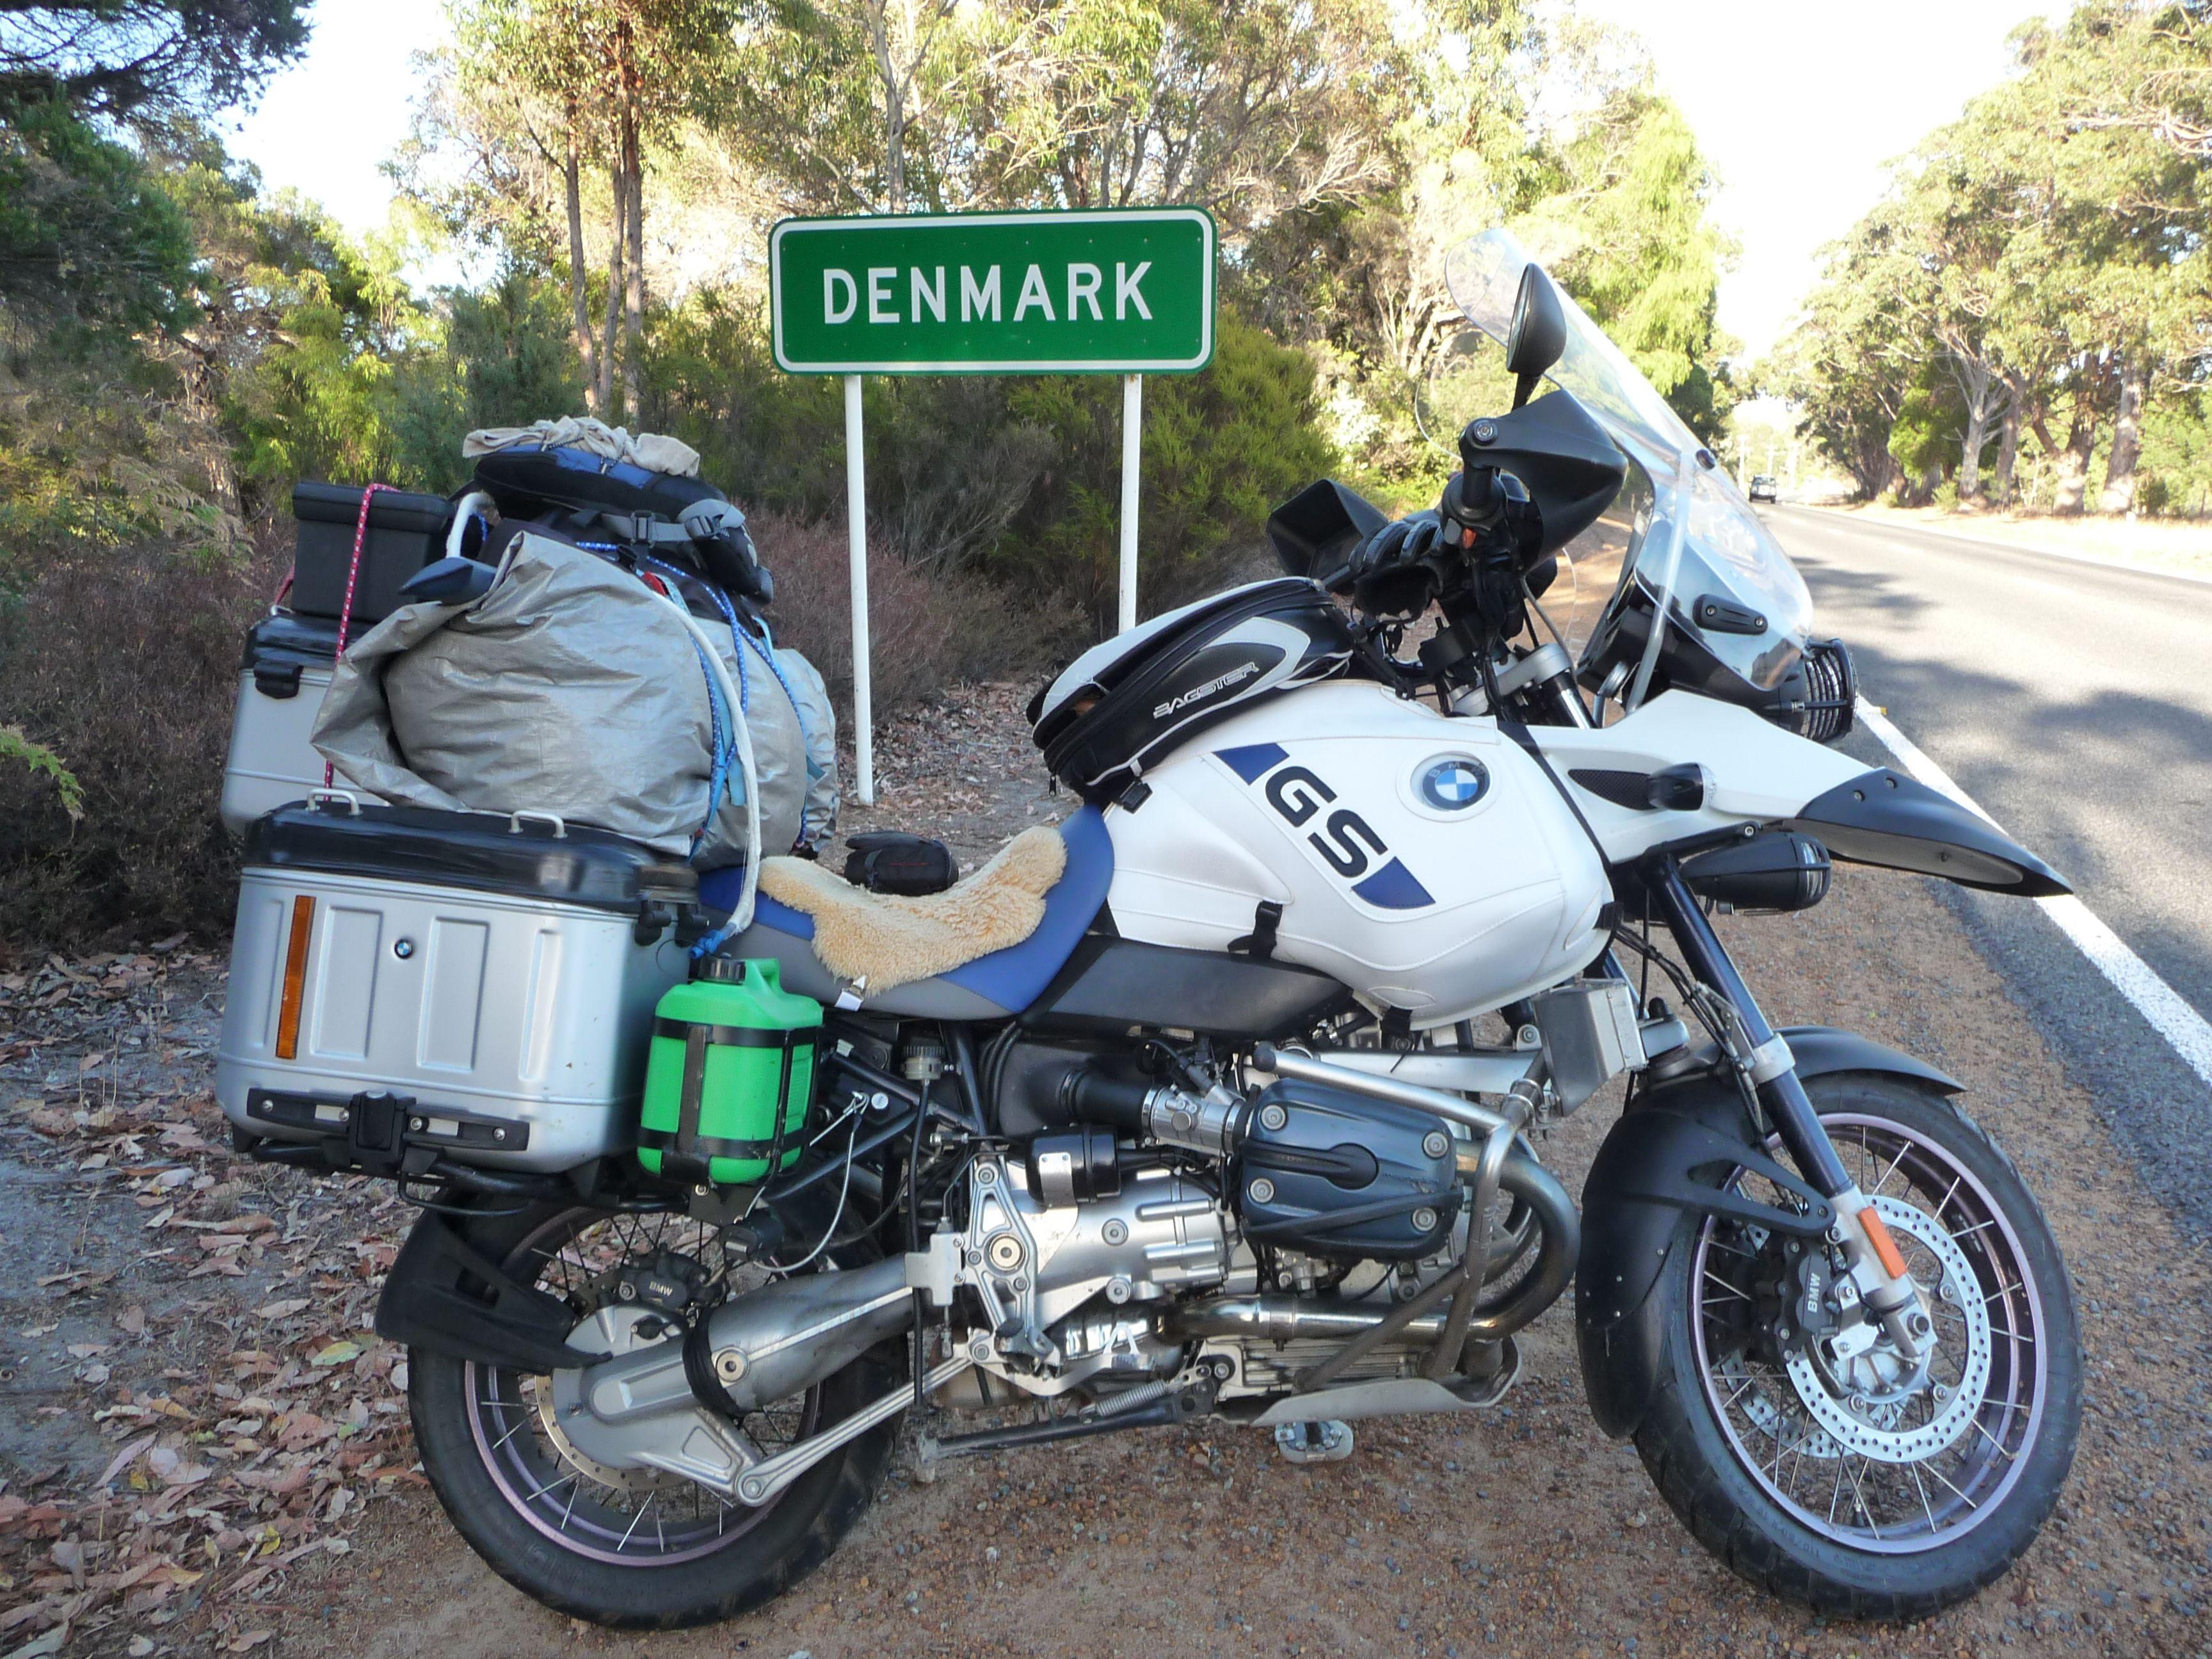 Bmw R1150 Gsa Around Australia In 40 Days Day 7 I Bet You